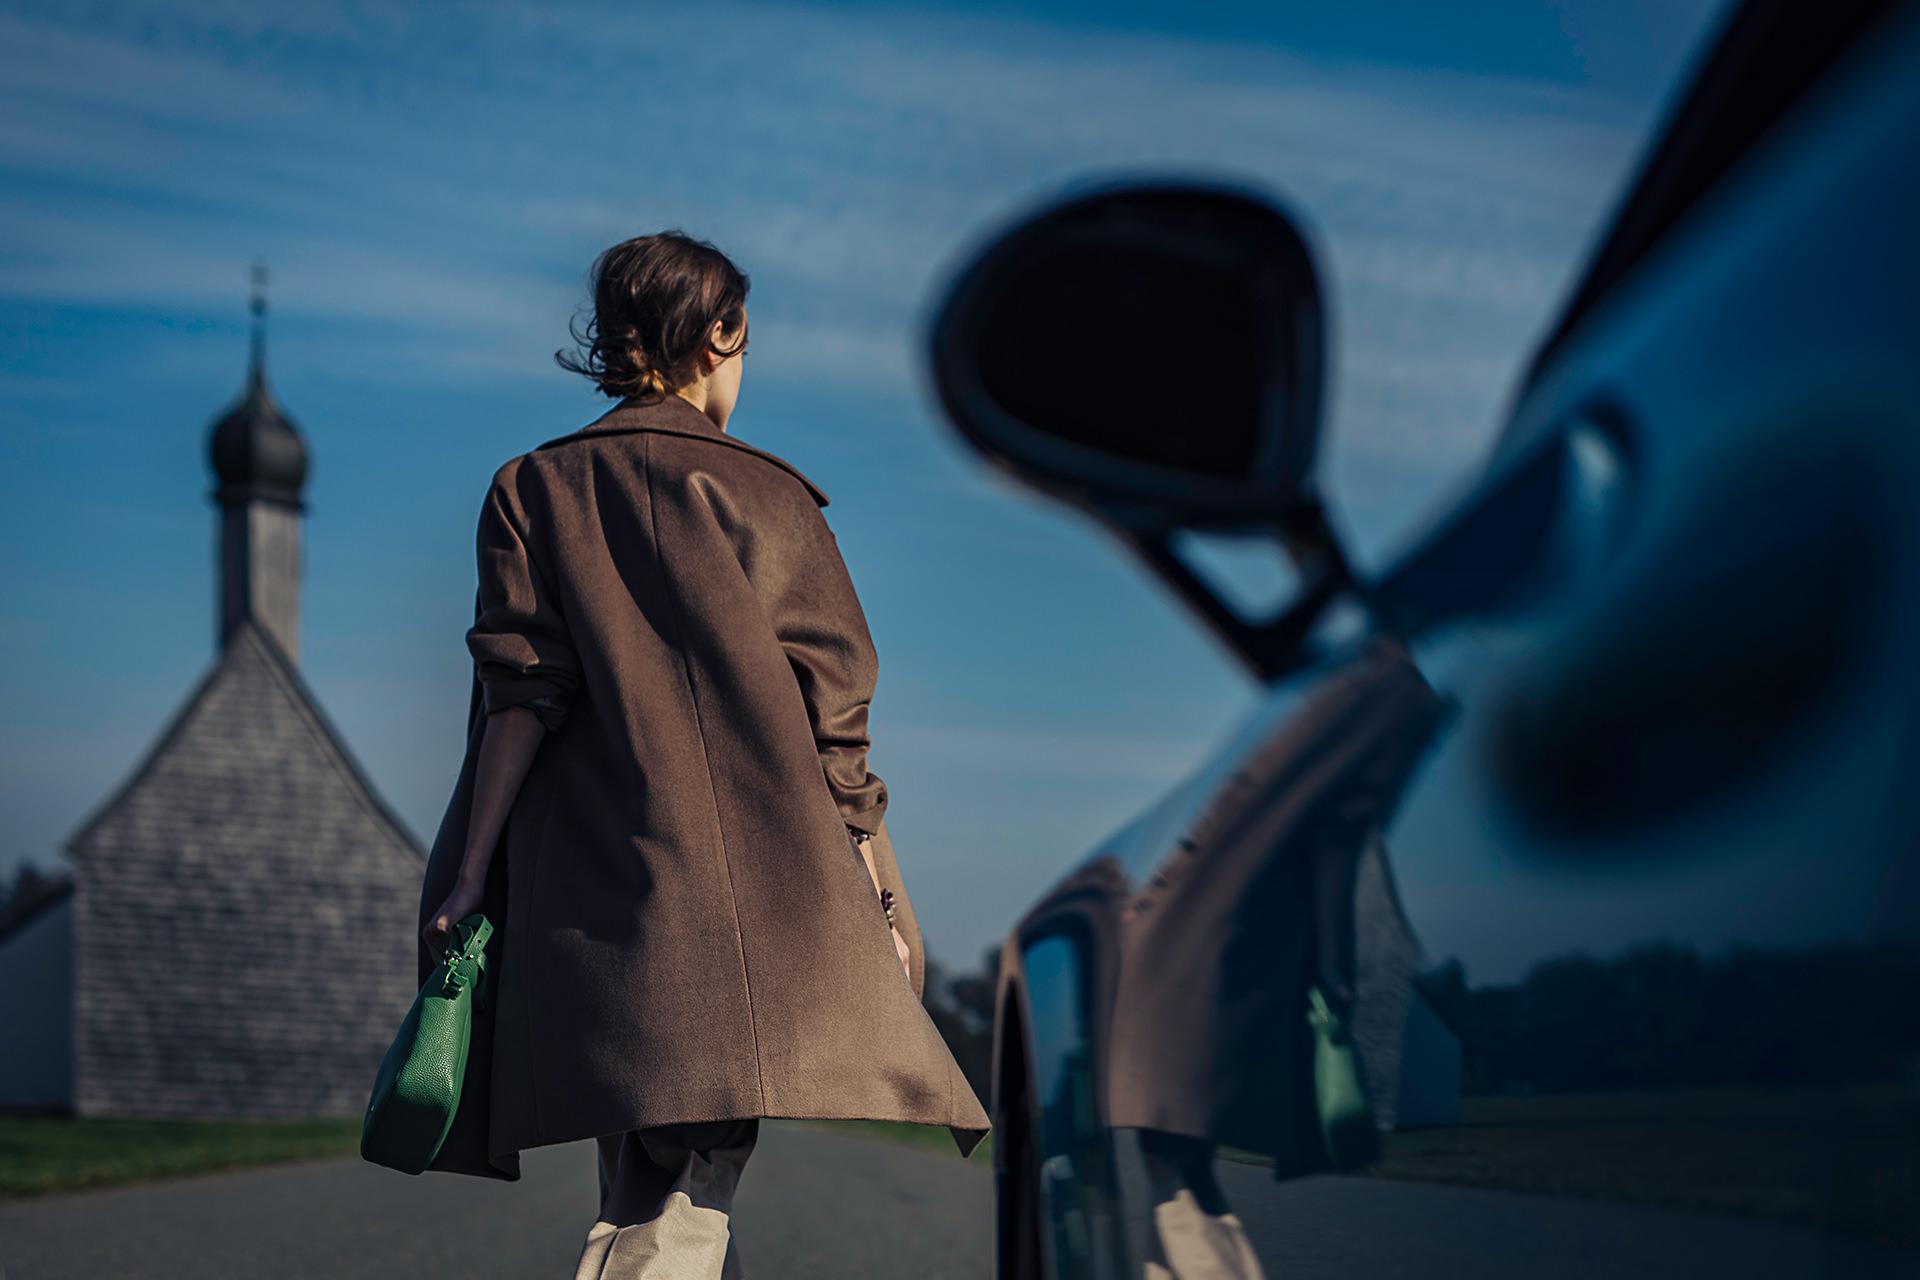 frau-fashion-gehen-kirche-auto